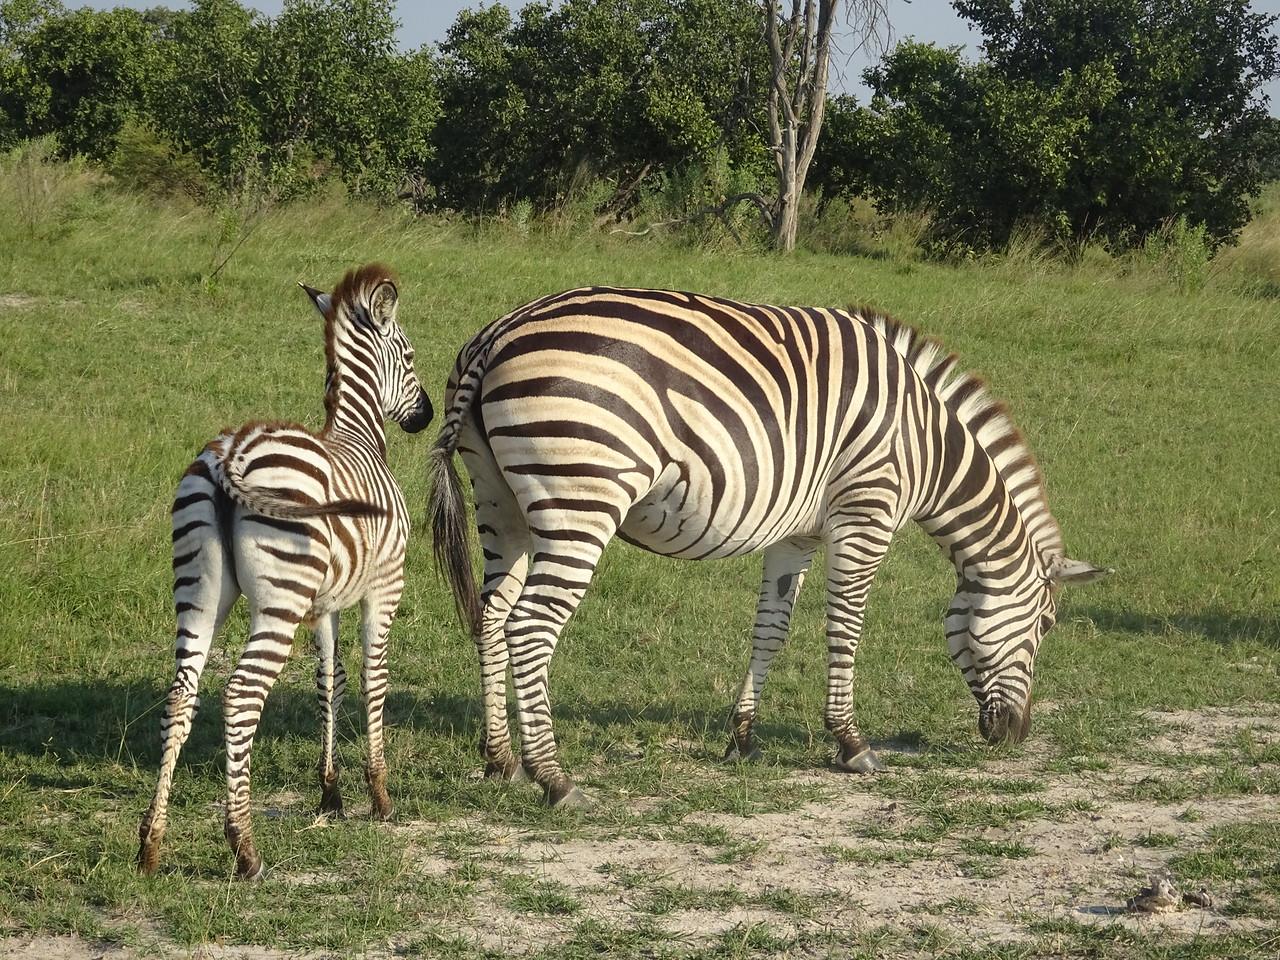 150_Okavango Delta, Moremi Game Reserve  4WD Safari  Burchell's Zebra  Female, pregnant